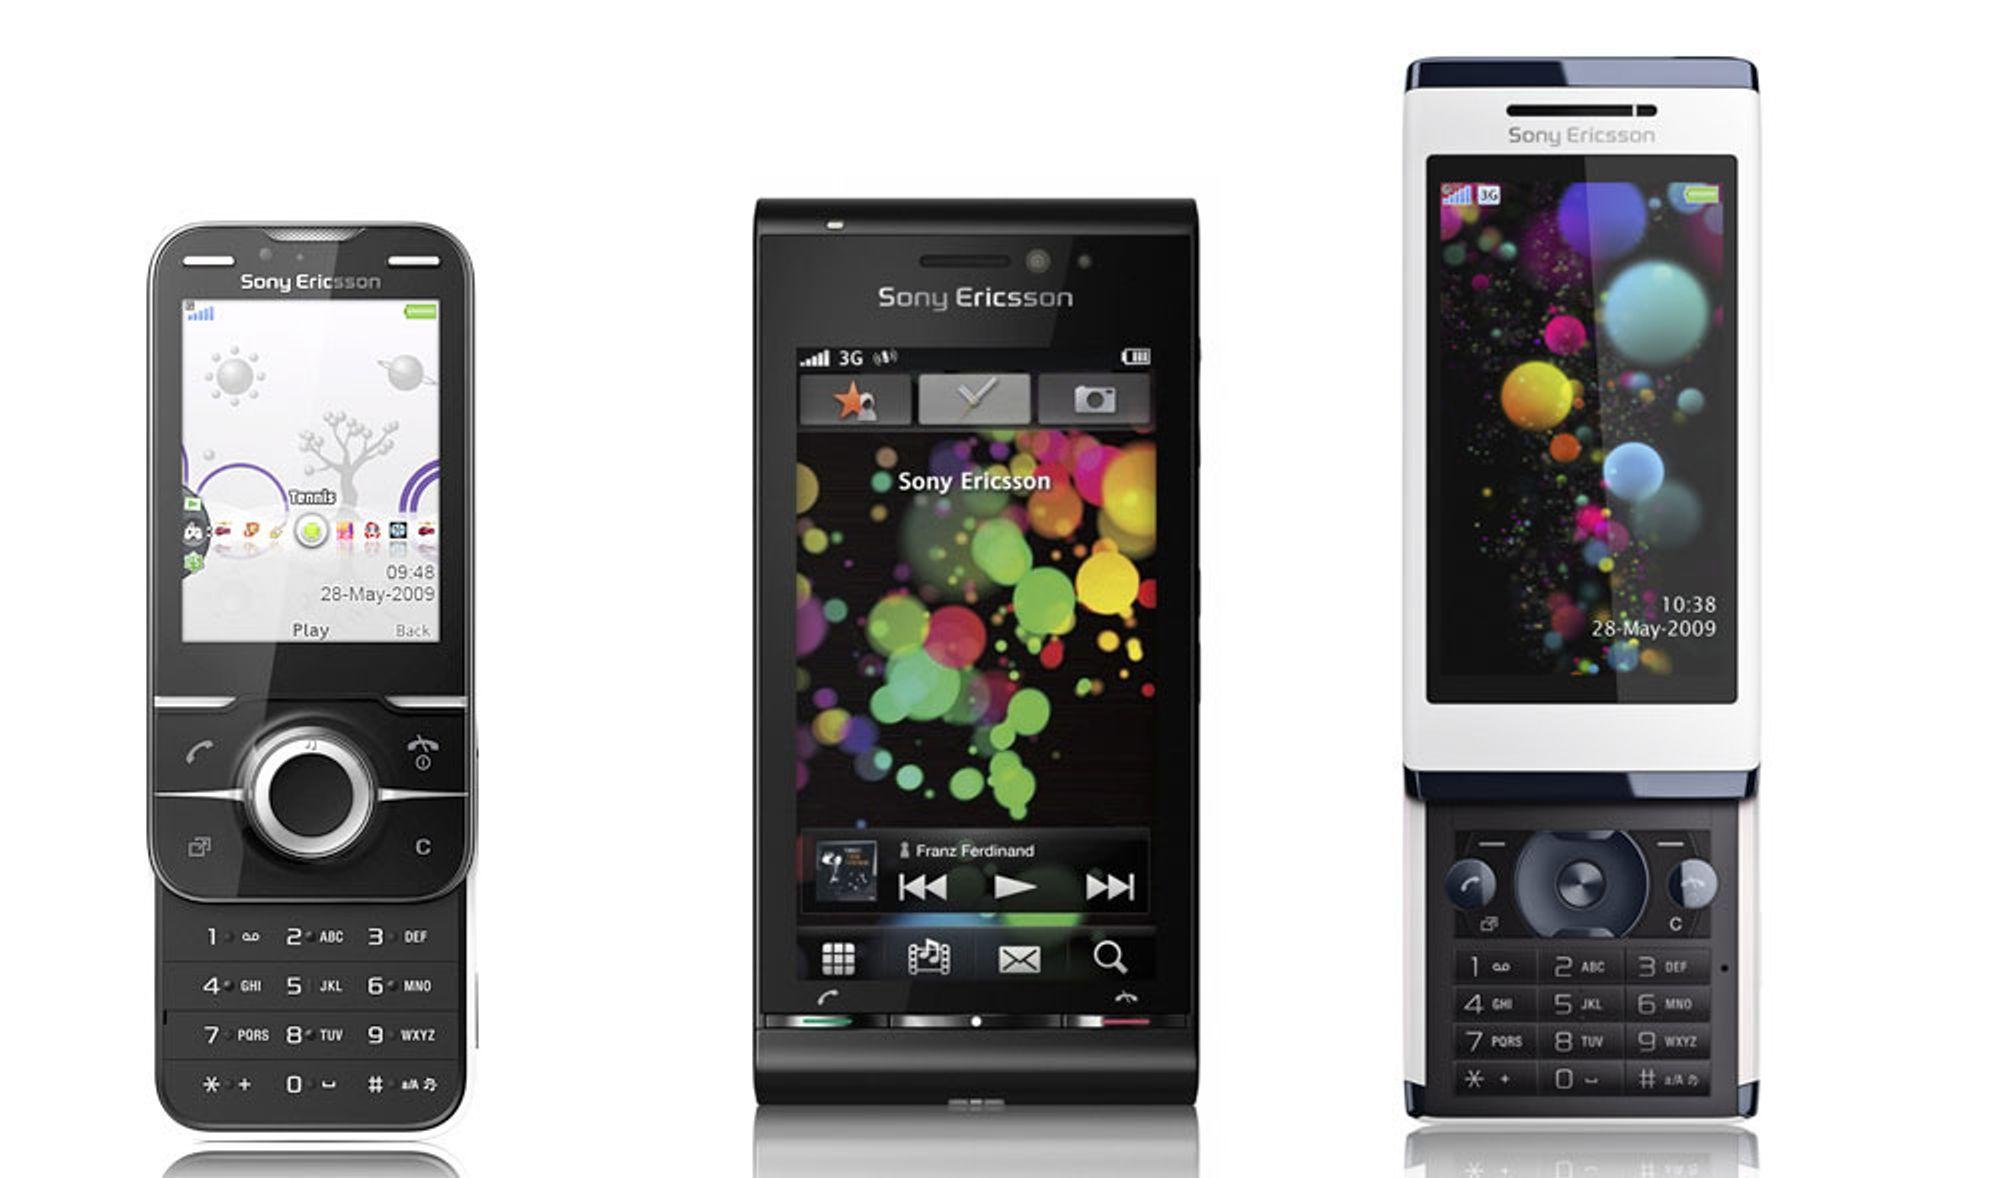 Sony Ericsson oppdaterer Aino, Yari og Satio